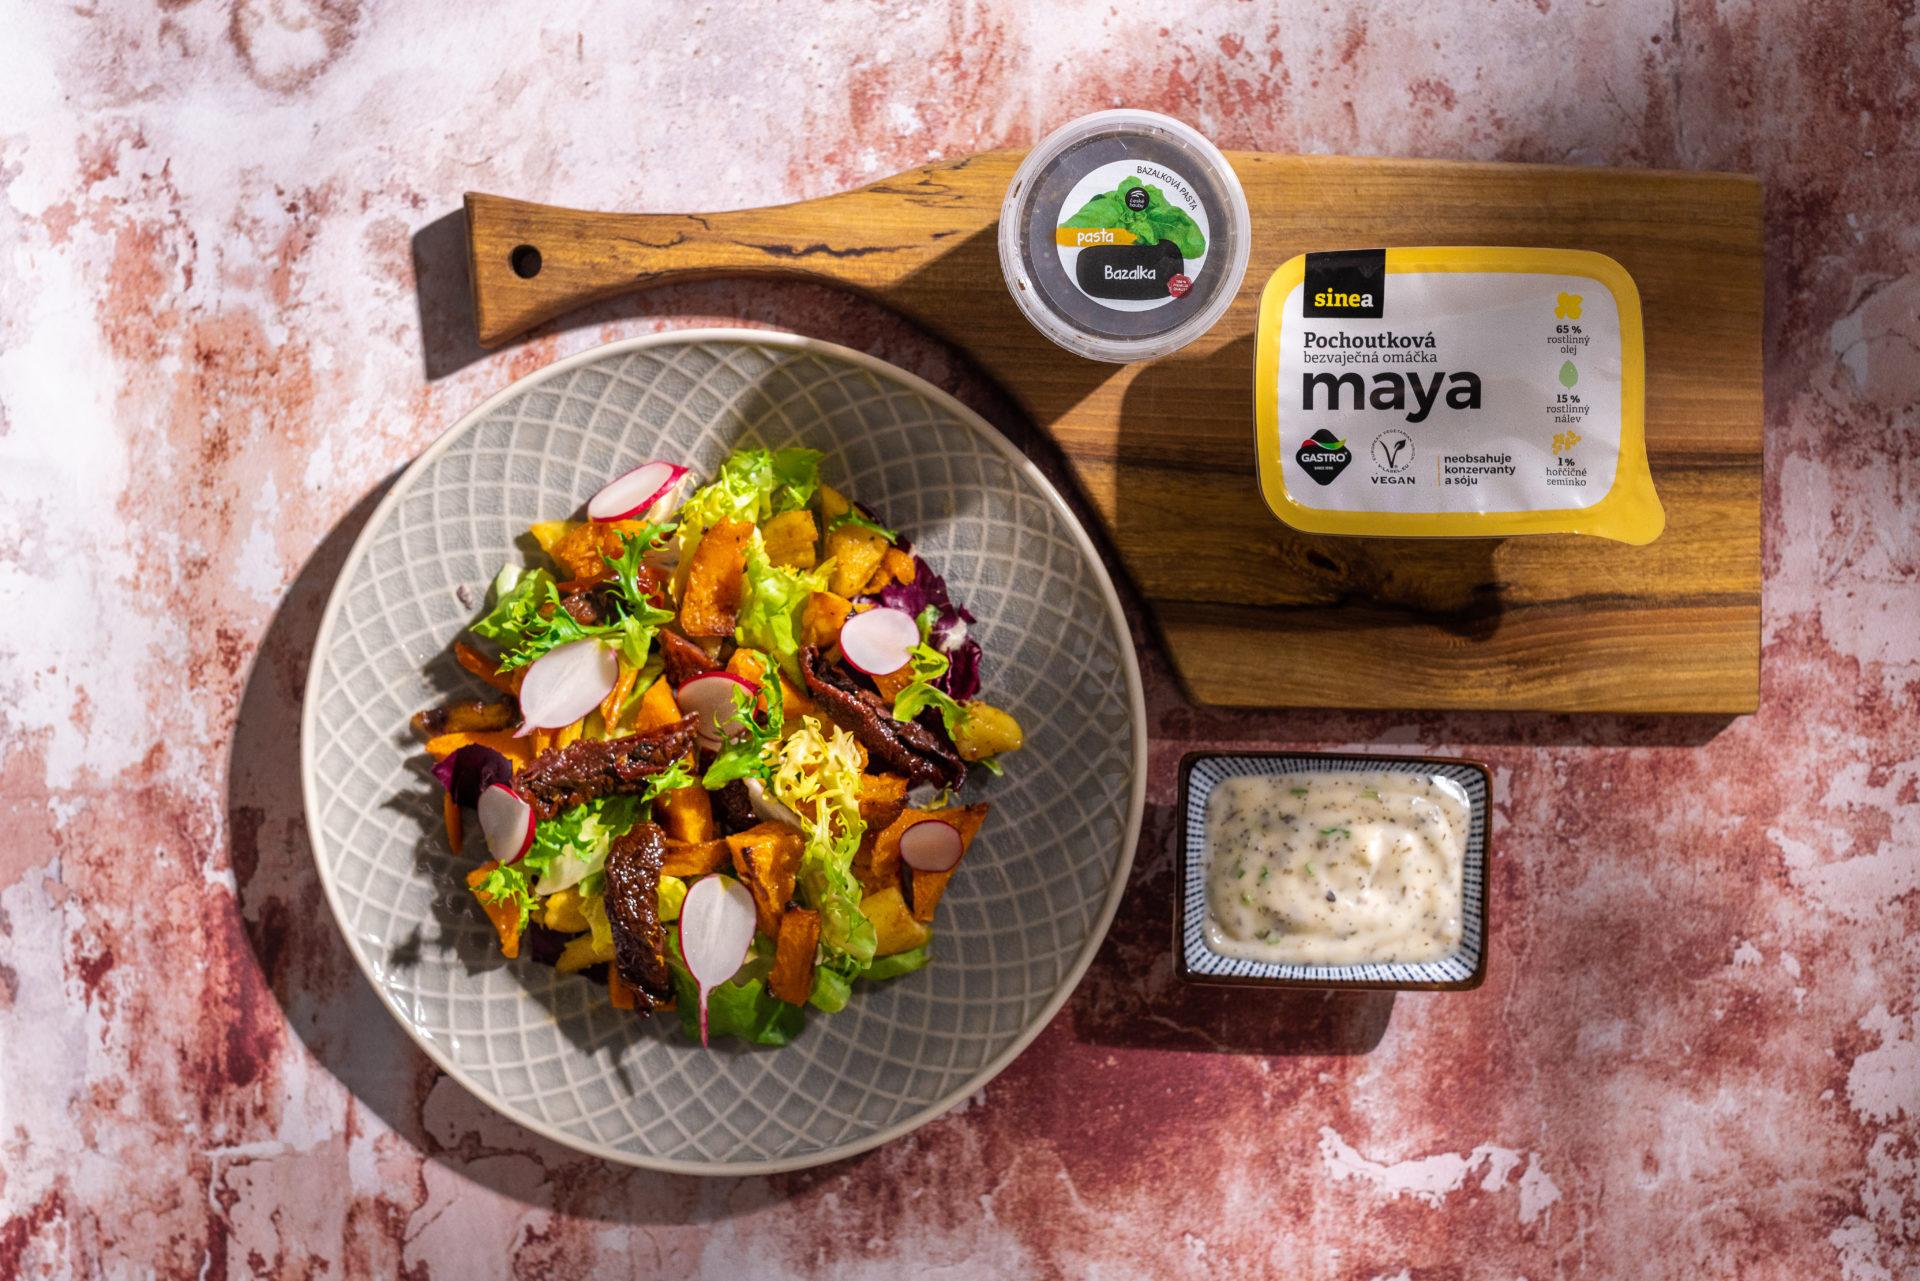 Obědový salát zpečené zeleniny sbazalkovou mayou